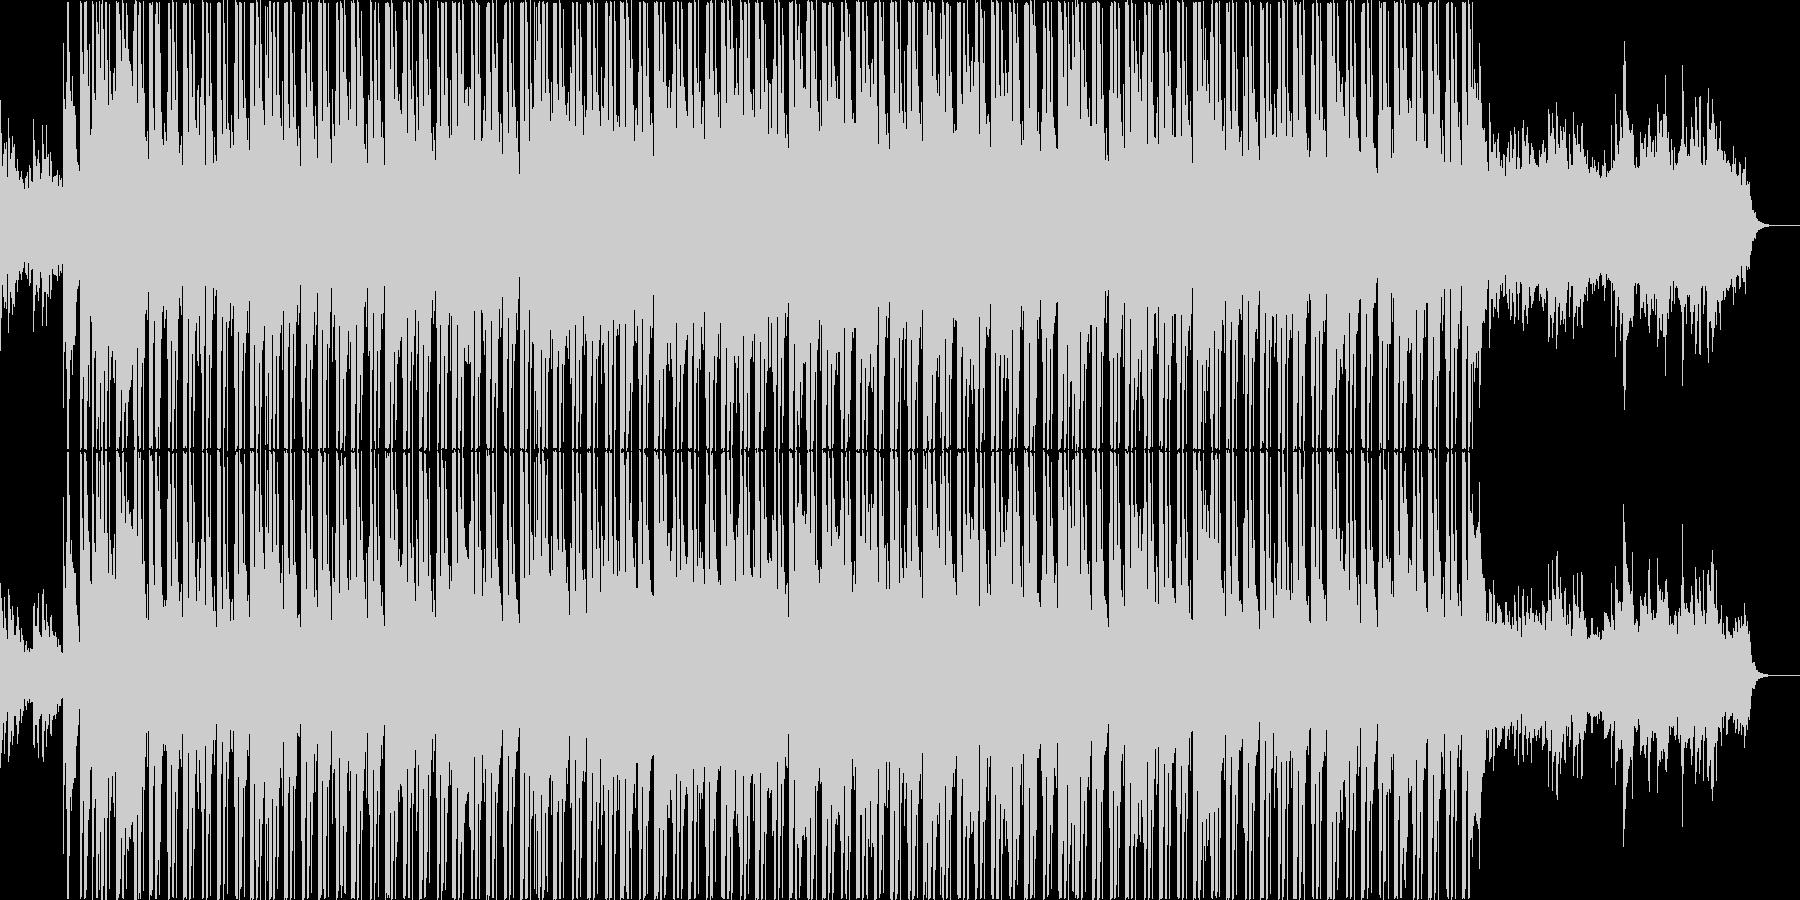 和風で明るくかわいいヒップホップの未再生の波形